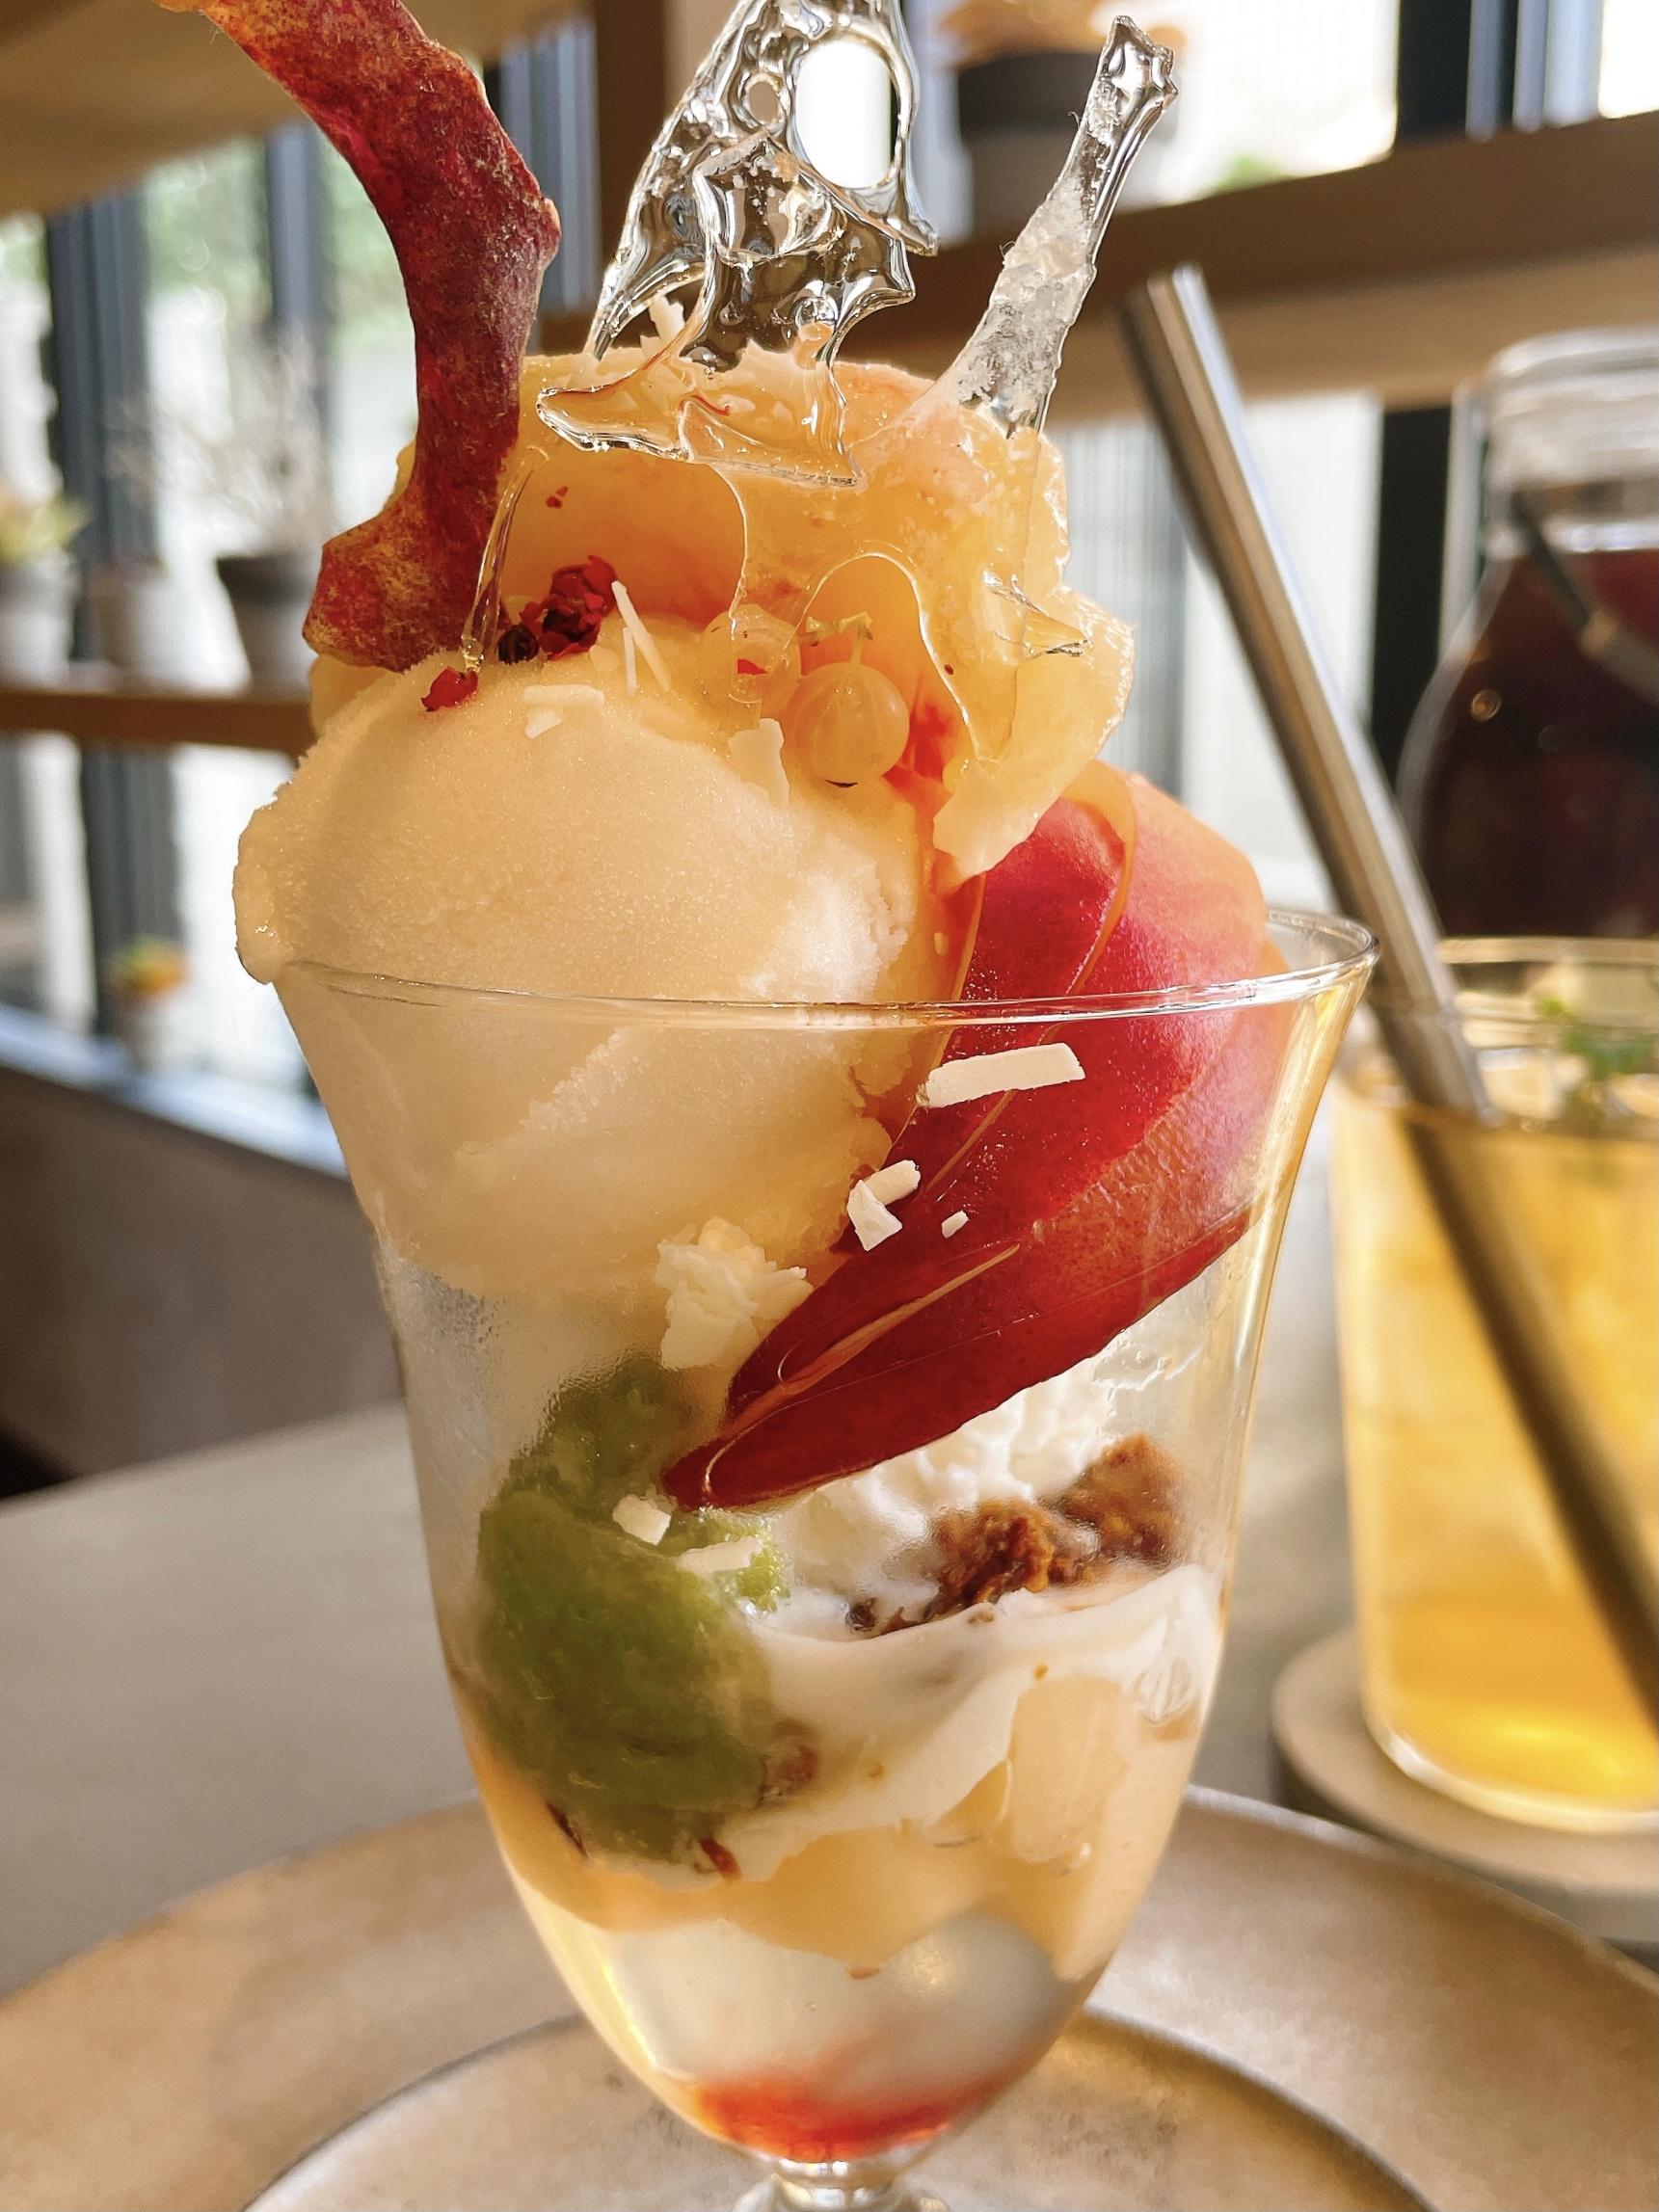 果実店canvasの「山梨大藤と福島サンピーチの3種の桃のパフェ」